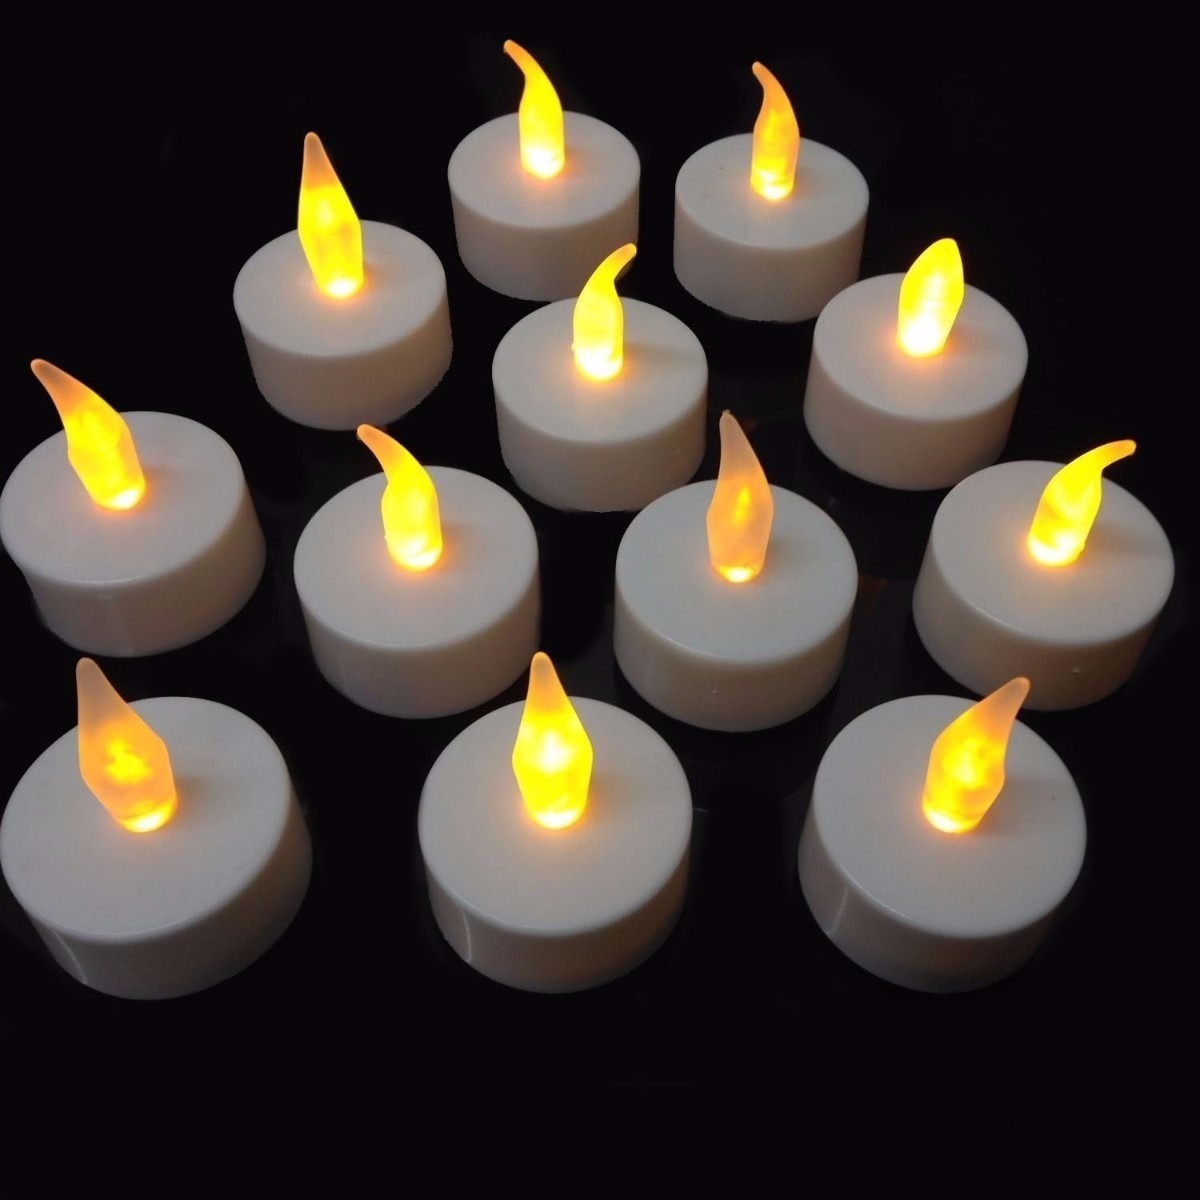 Kit com 6 velas de led decorativas baterias inclusas r - Velas led primark ...